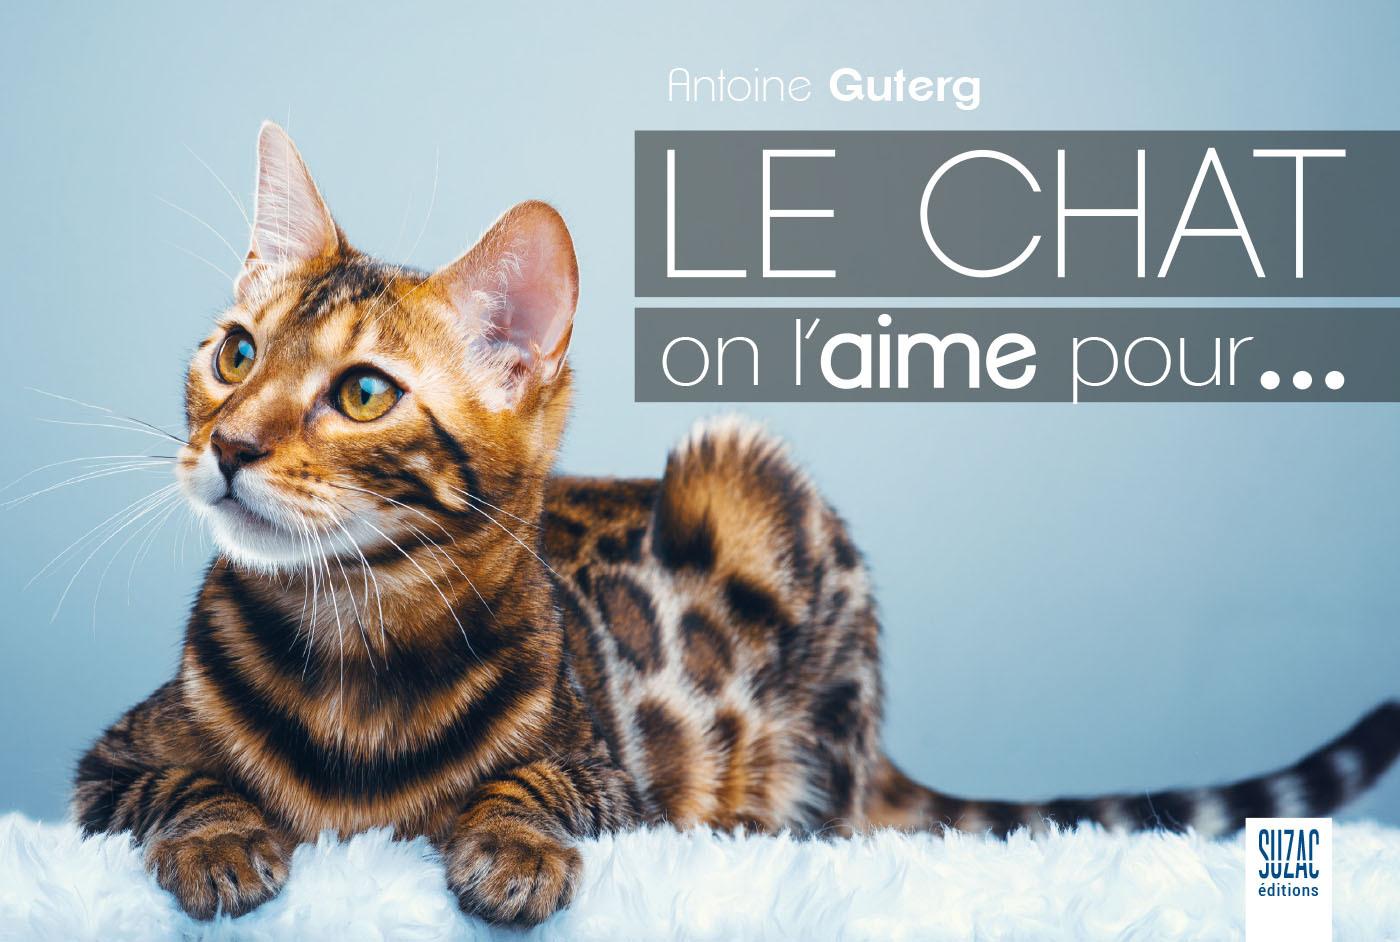 LE CHAT ON L'AIME POUR...